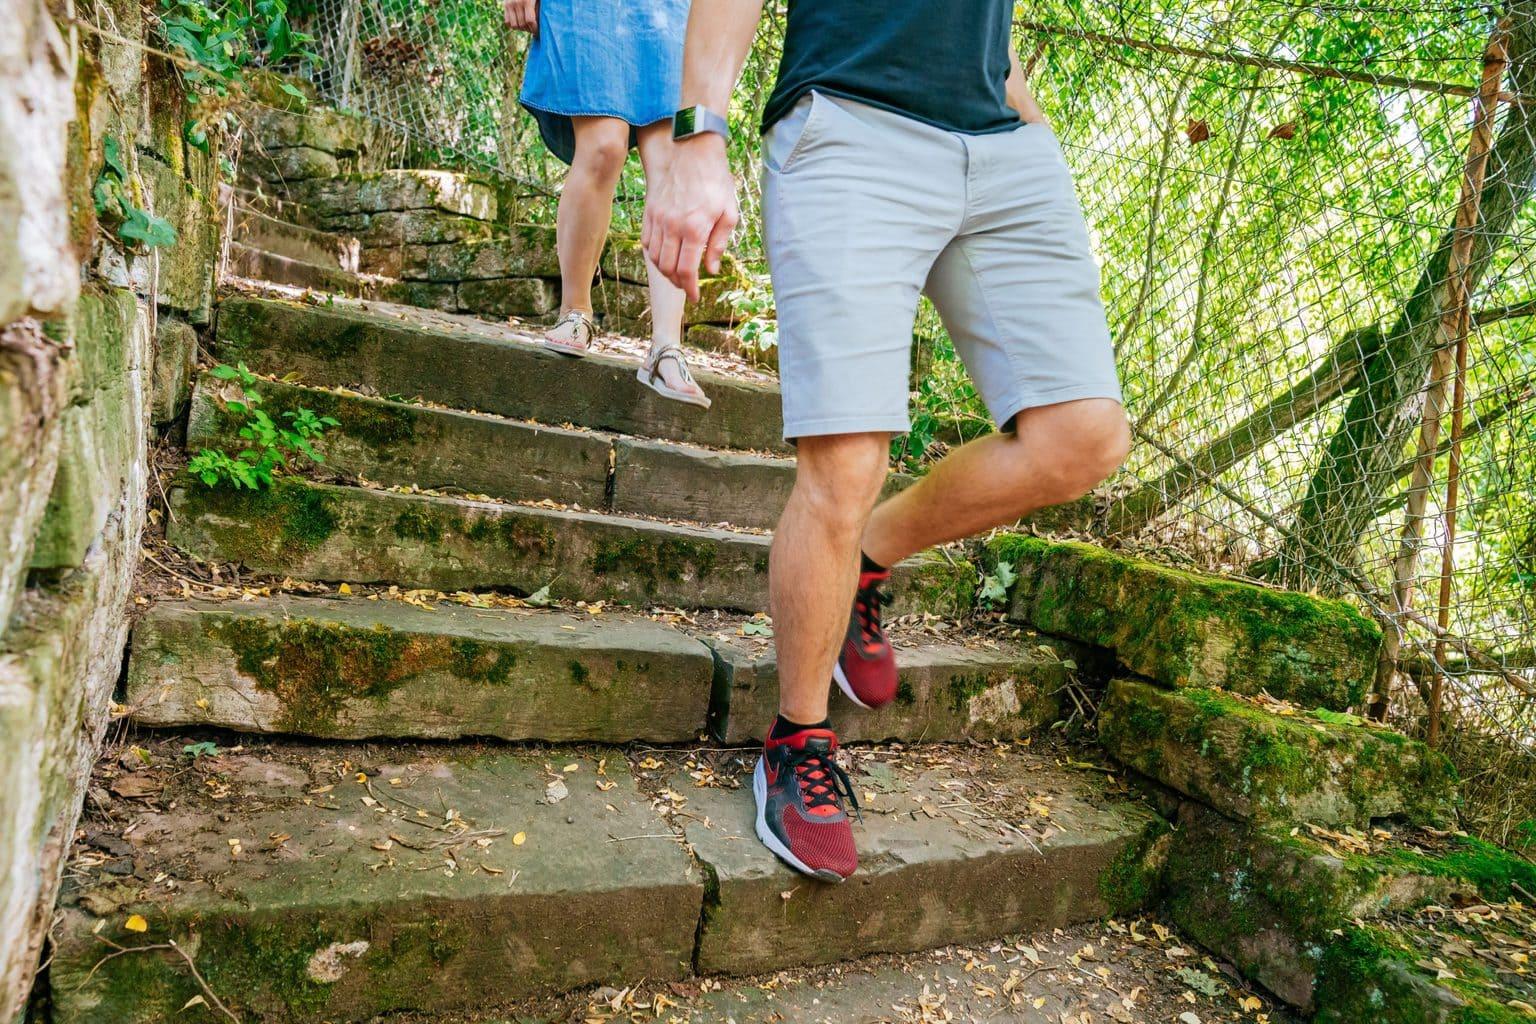 Wandelen in Stuttgart betekent trappen lopen op de Stäffele